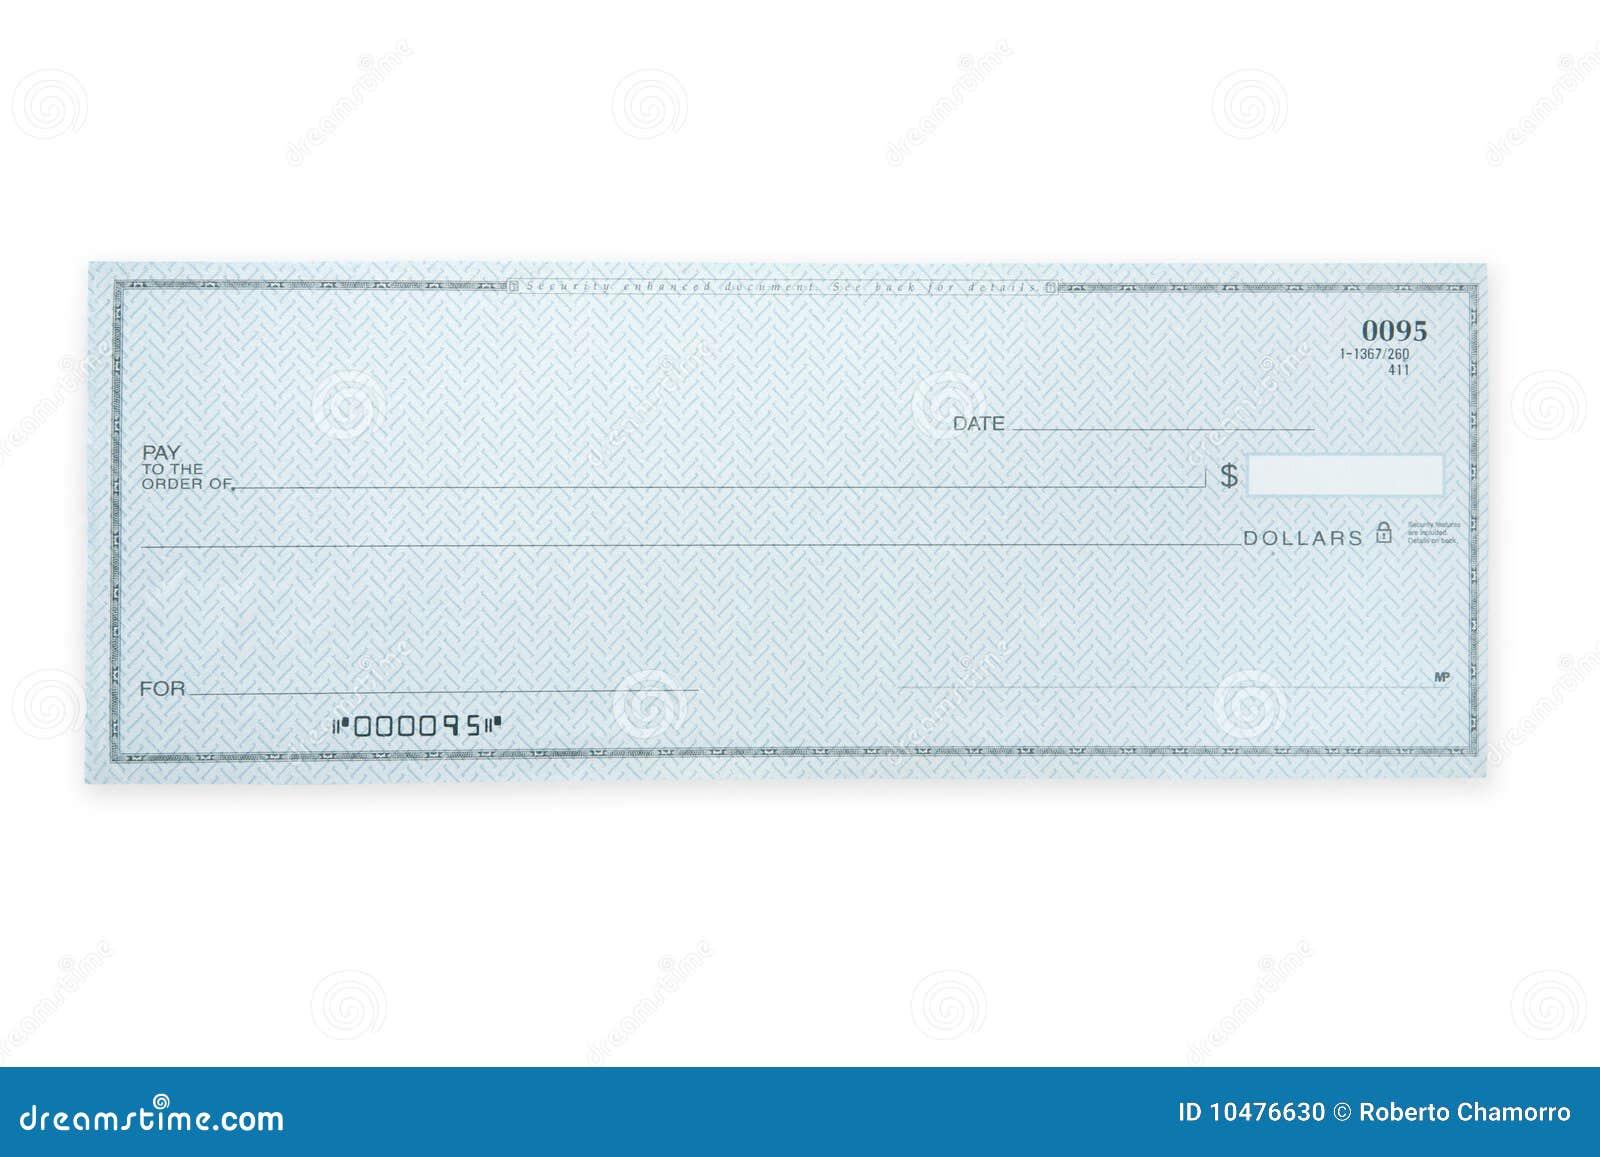 незаполненный чек